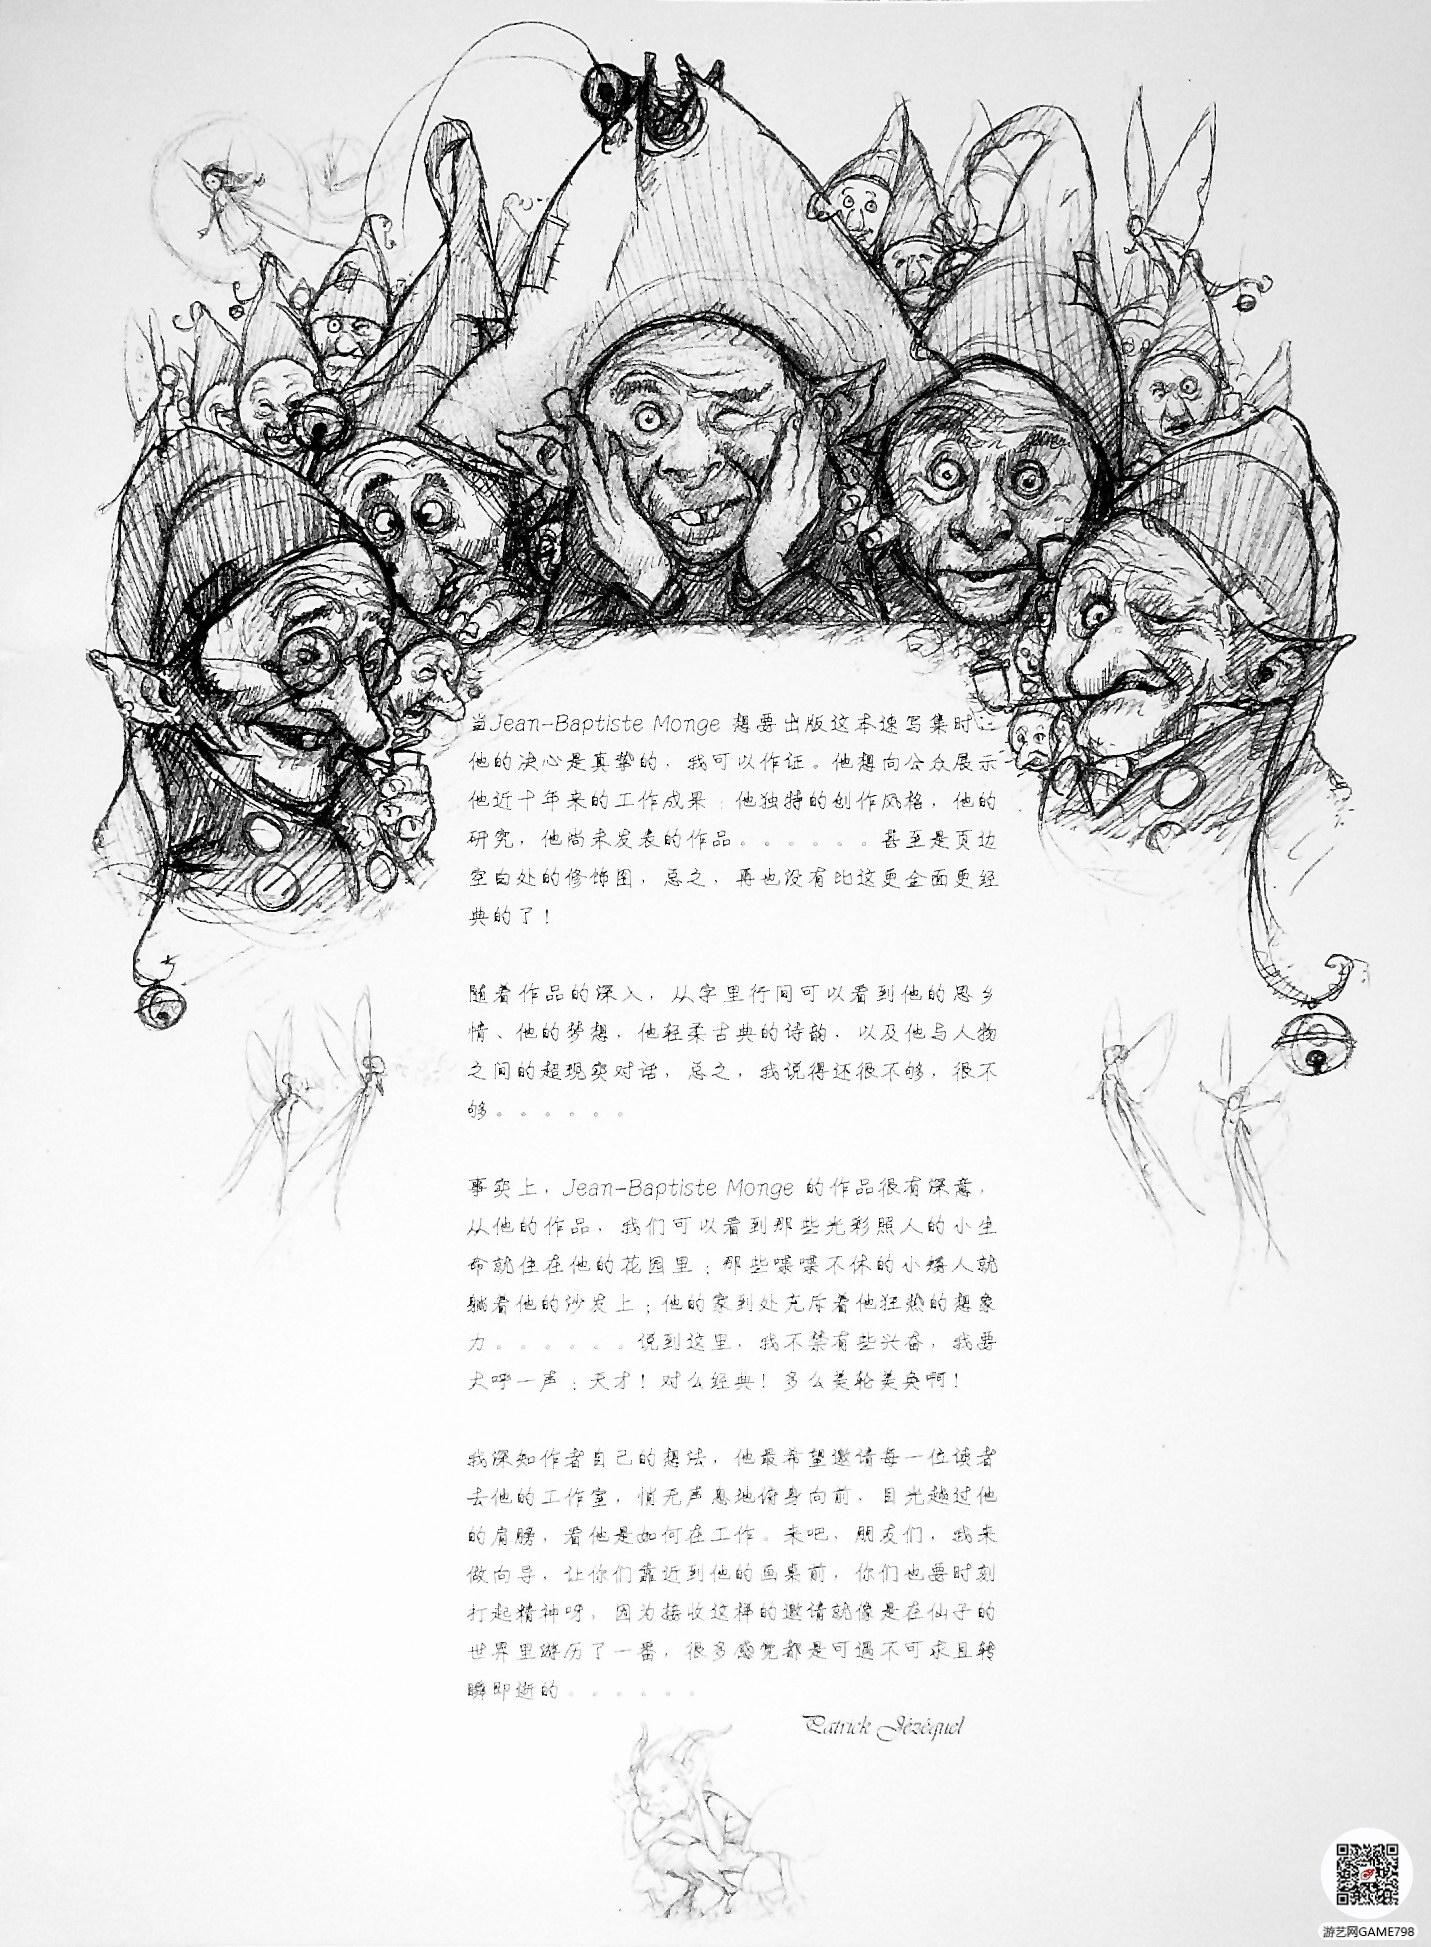 008_关注-游艺网GAME798.jpg